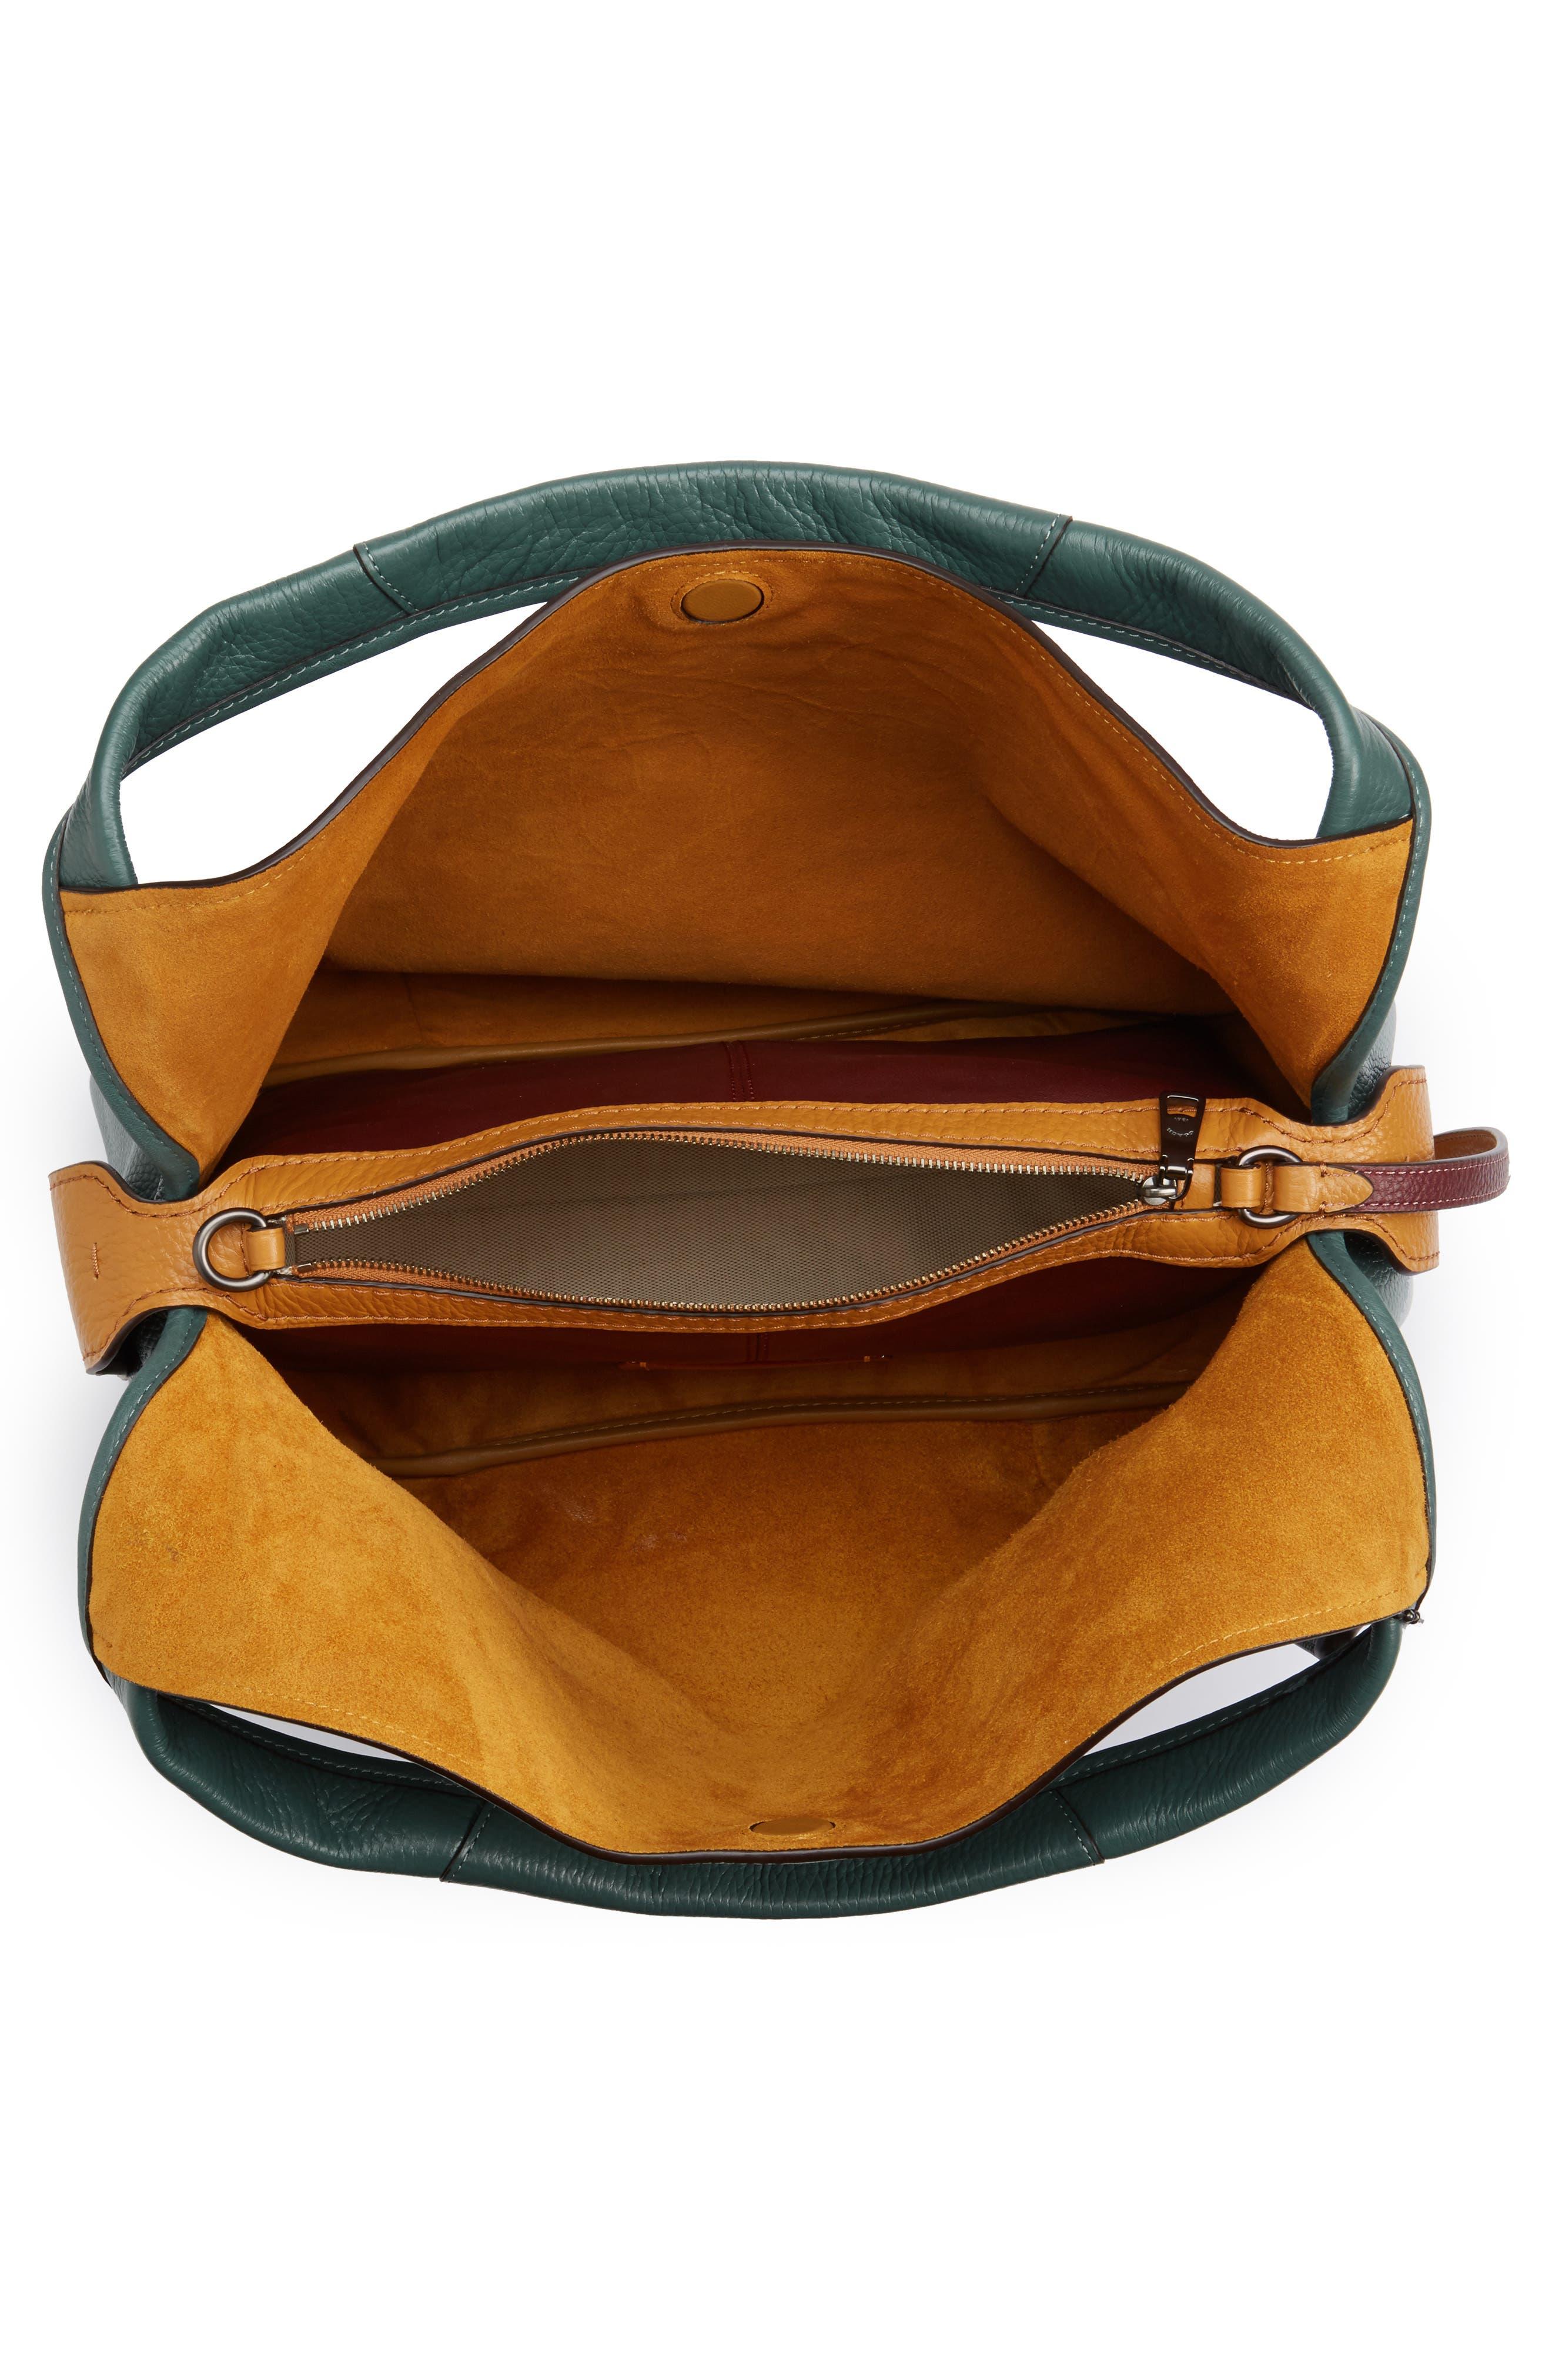 Bandit Leather Hobo & Removable Shoulder Bag,                             Alternate thumbnail 4, color,                             313